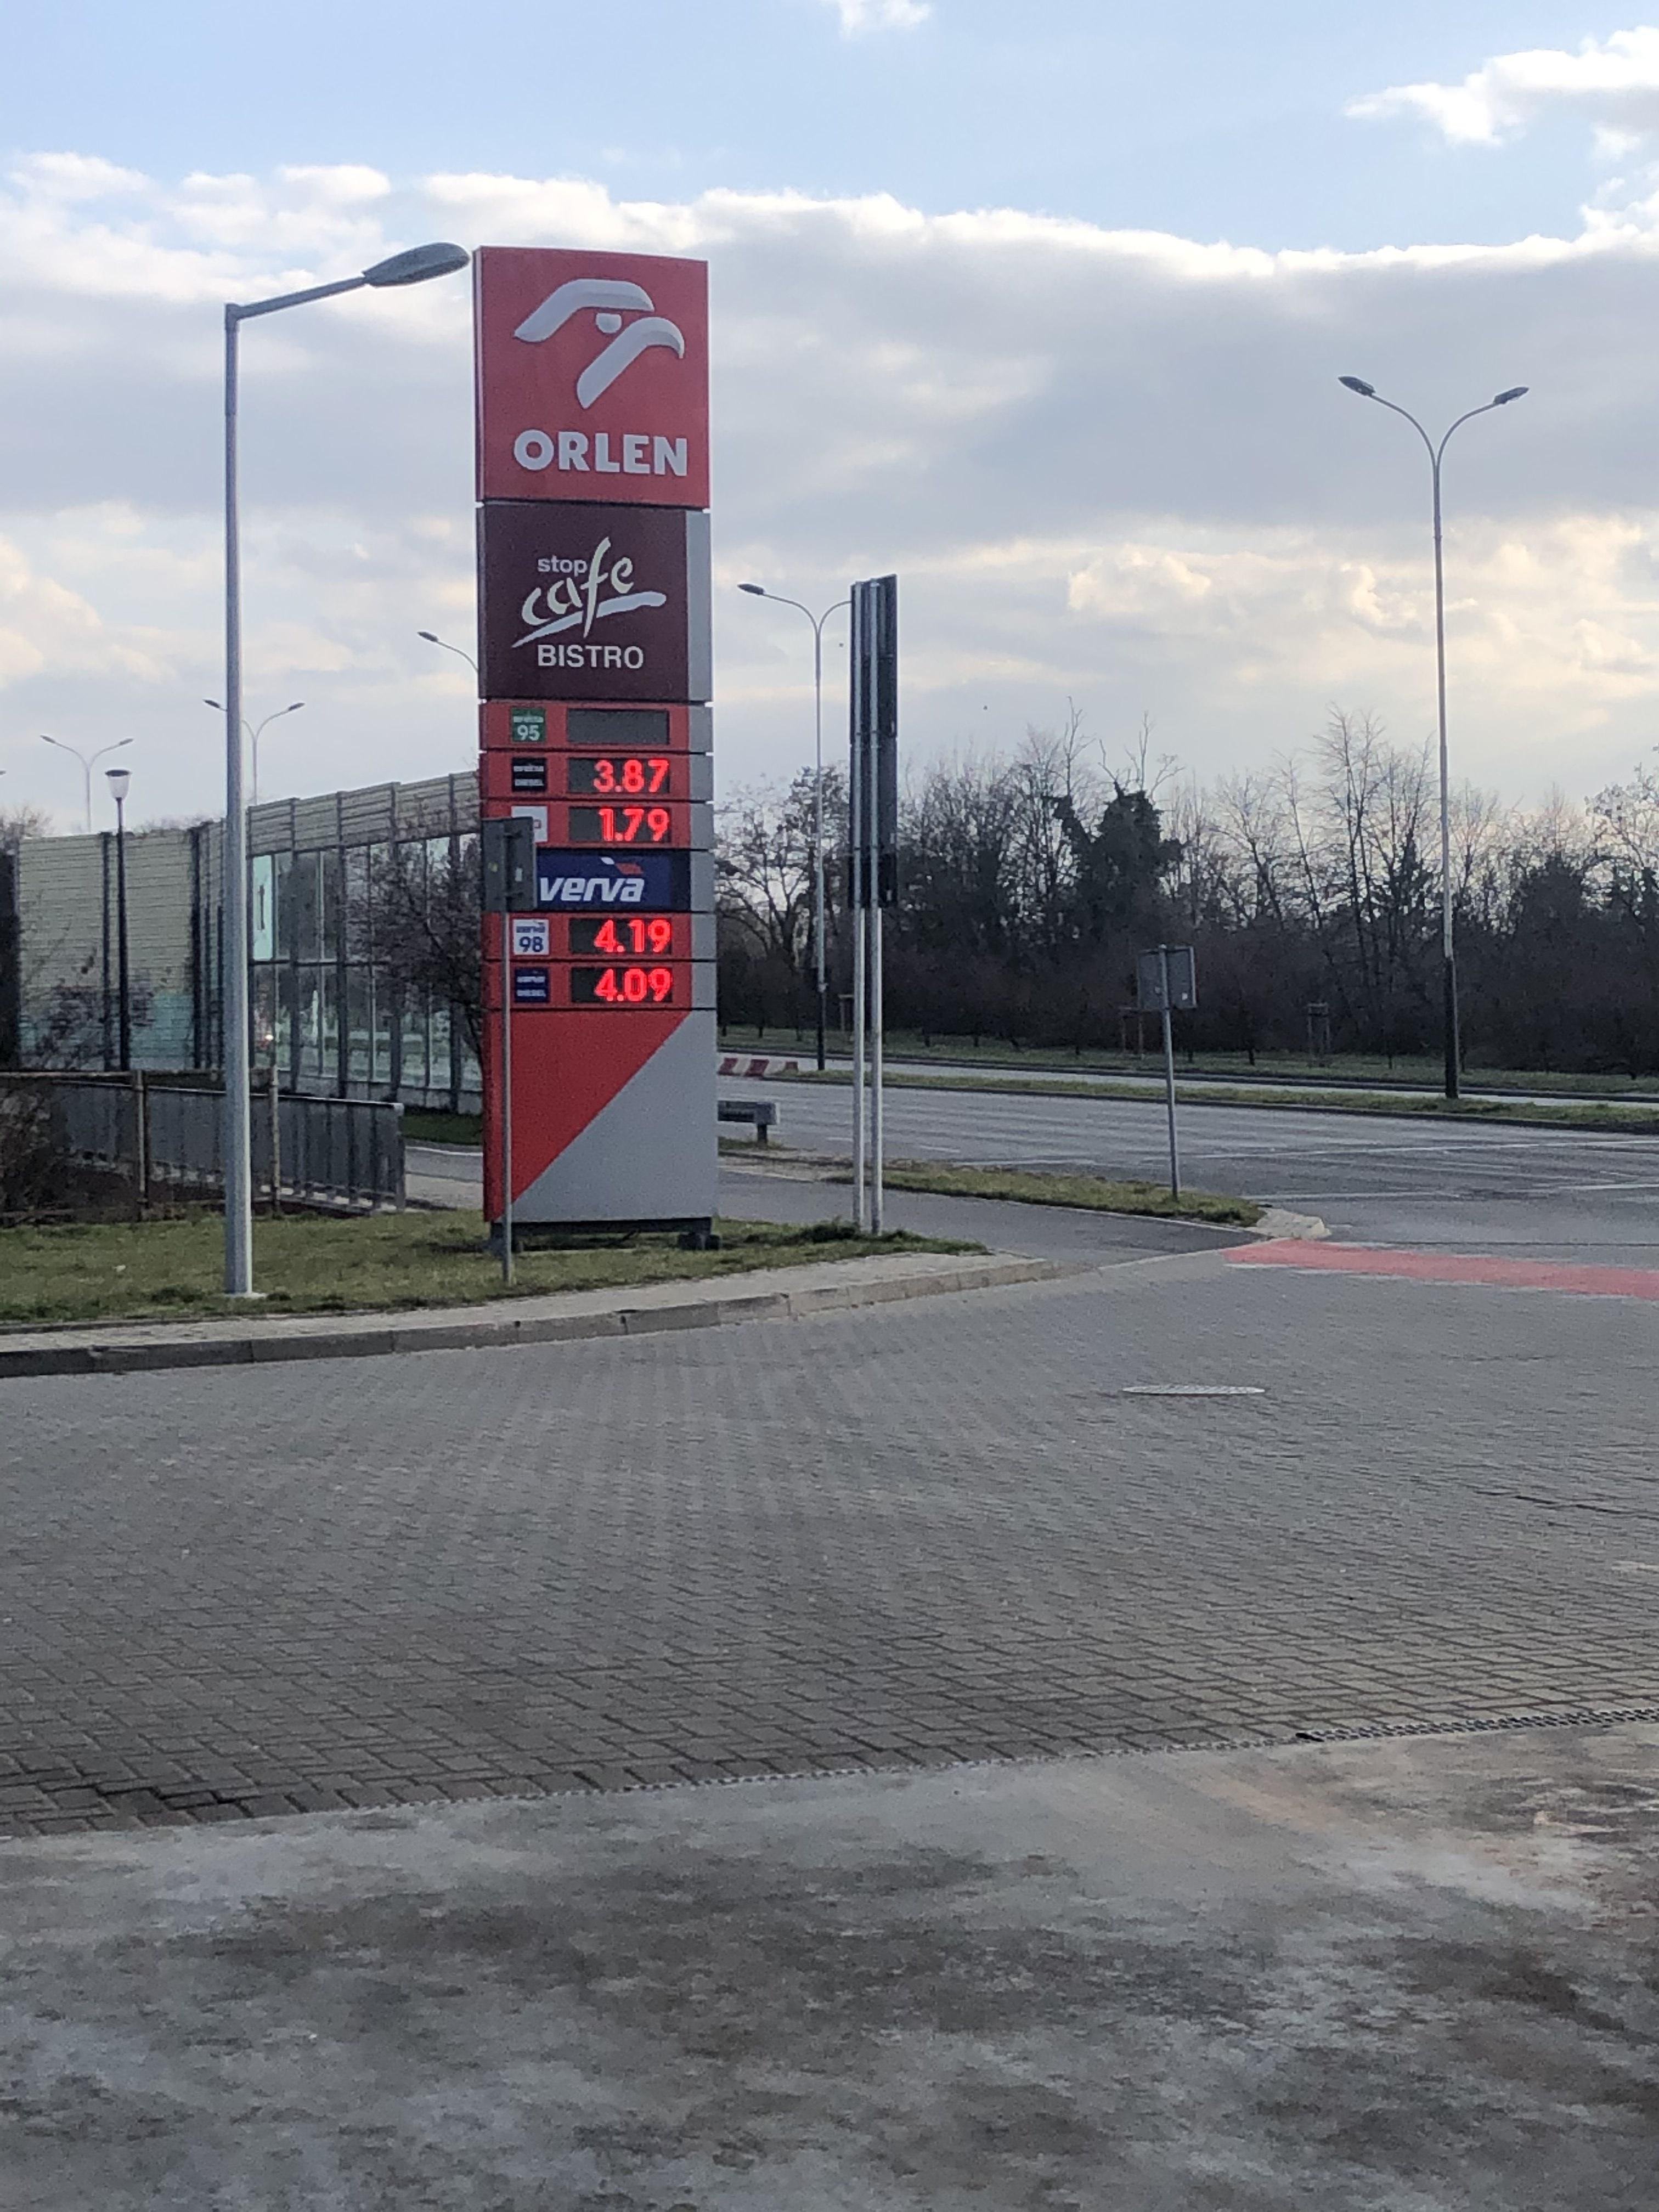 Orlen Łódź